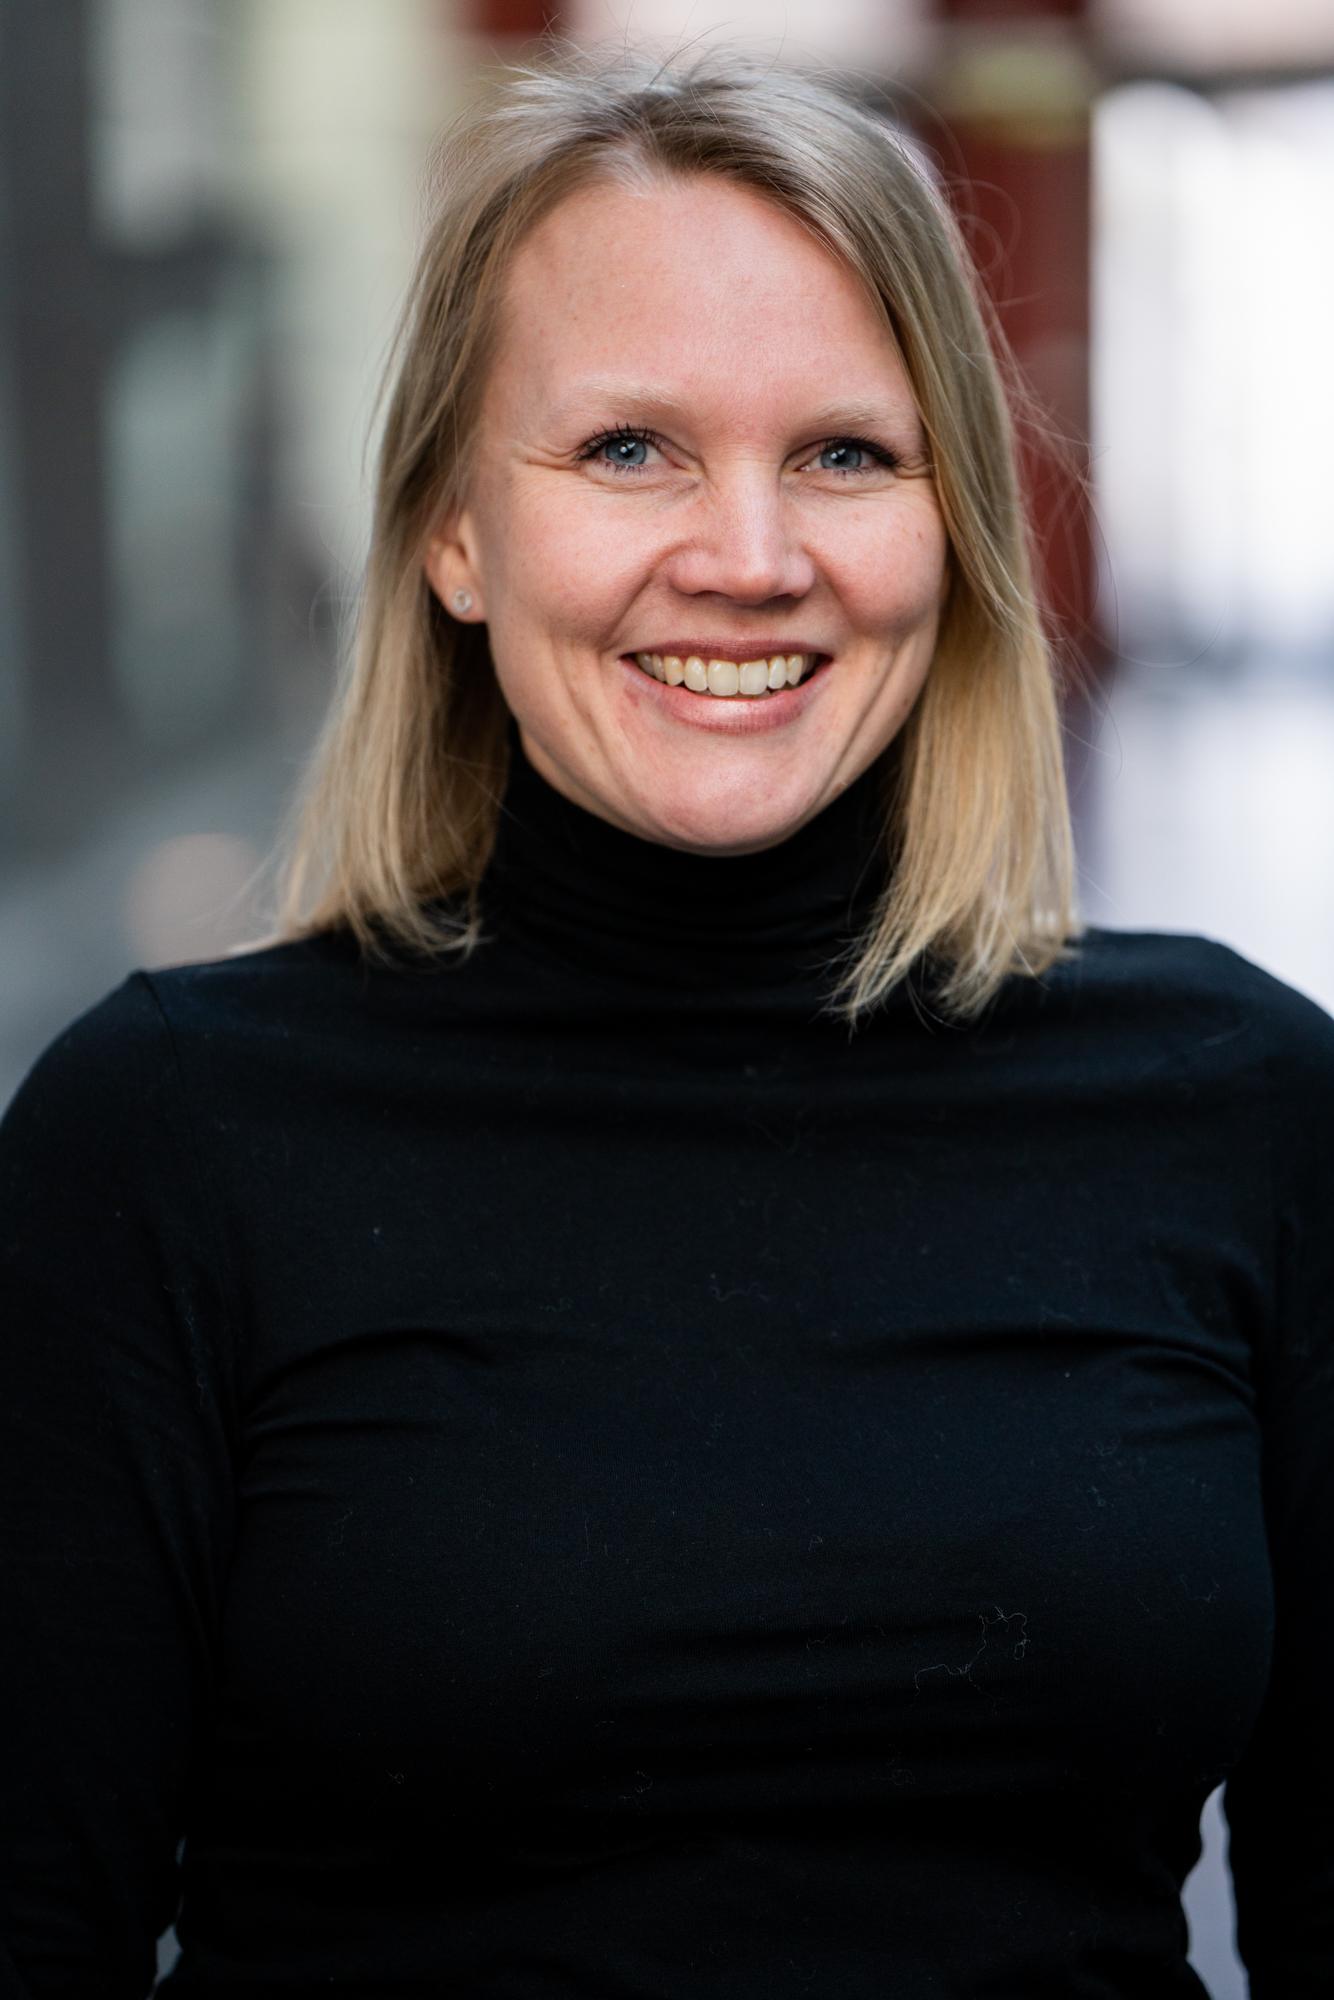 Bilde av Silje Ingrid Ruud